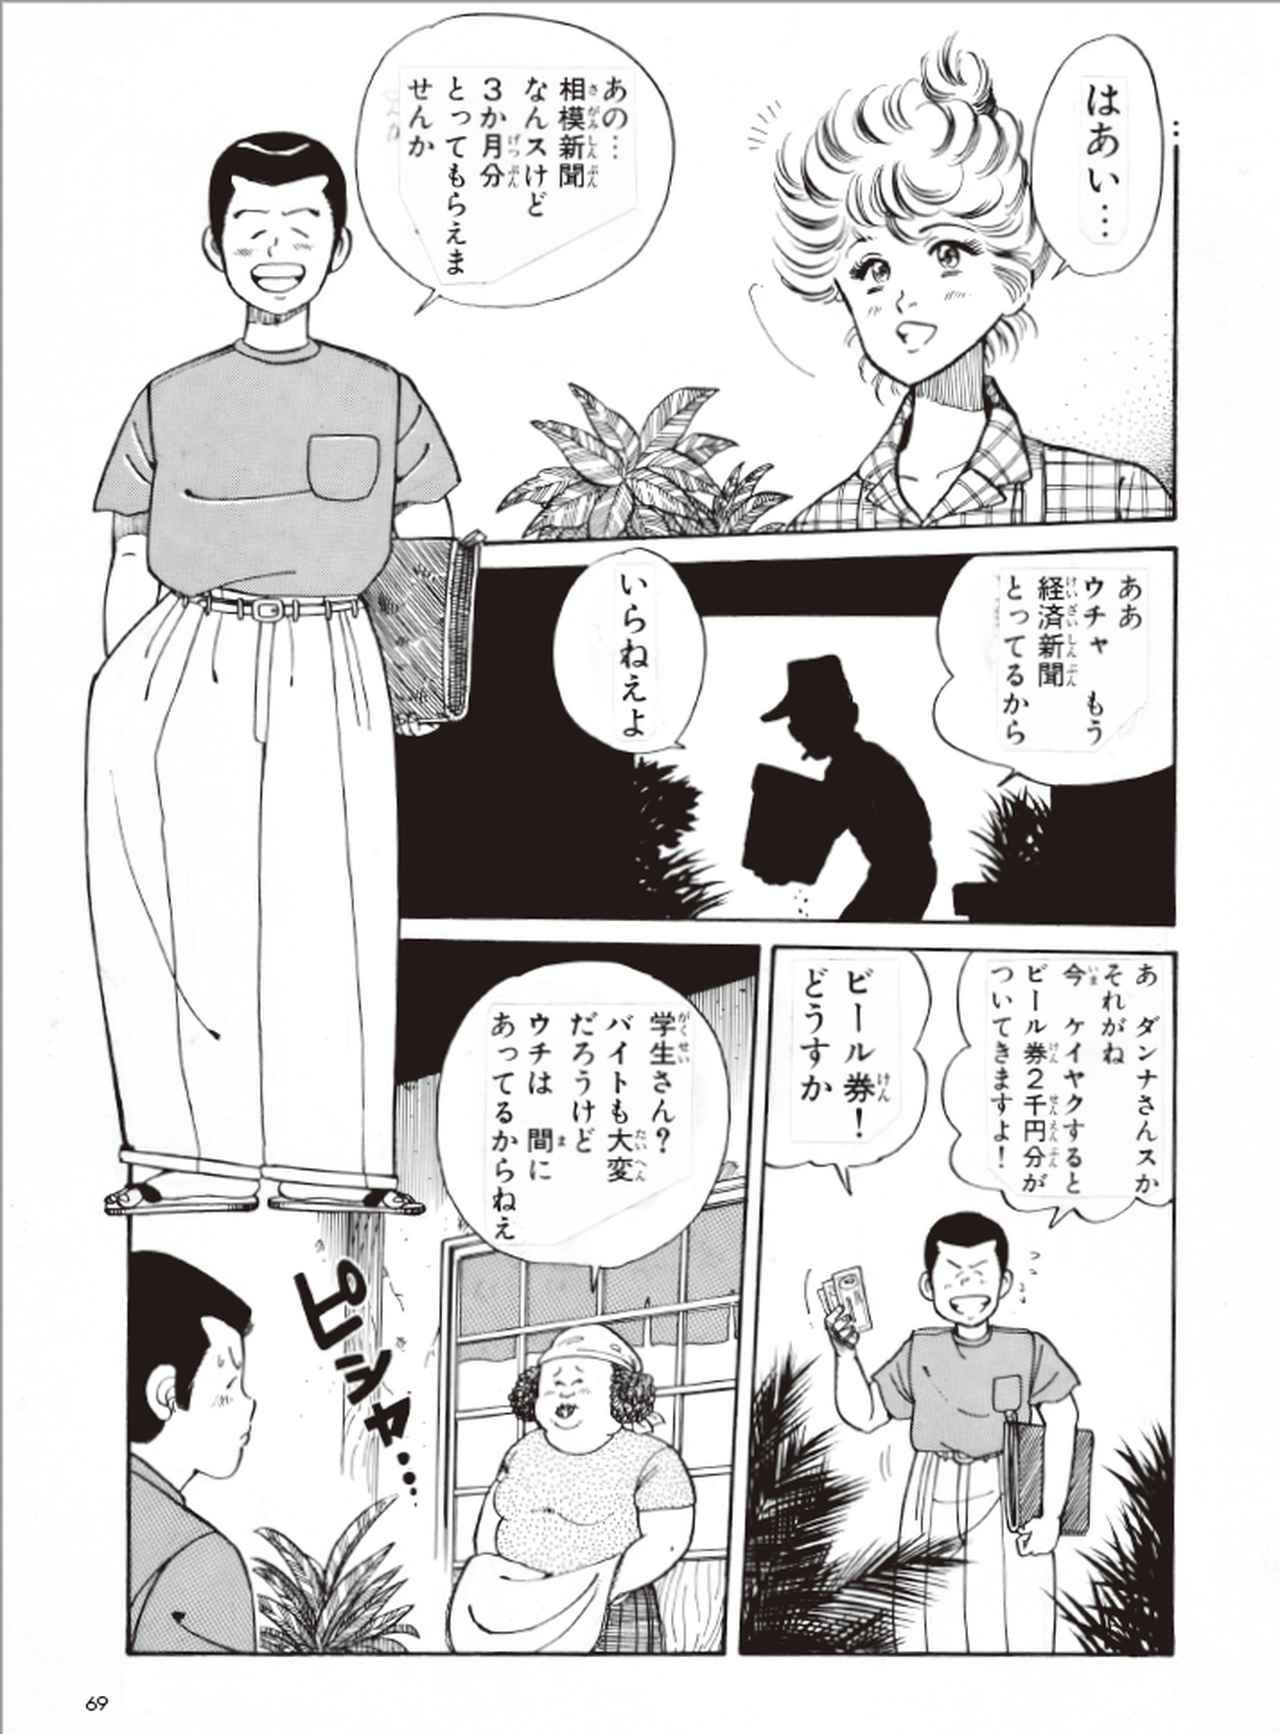 画像1: (湘南爆走族©吉田聡©モーターマガジン社) www.motormagazine.co.jp